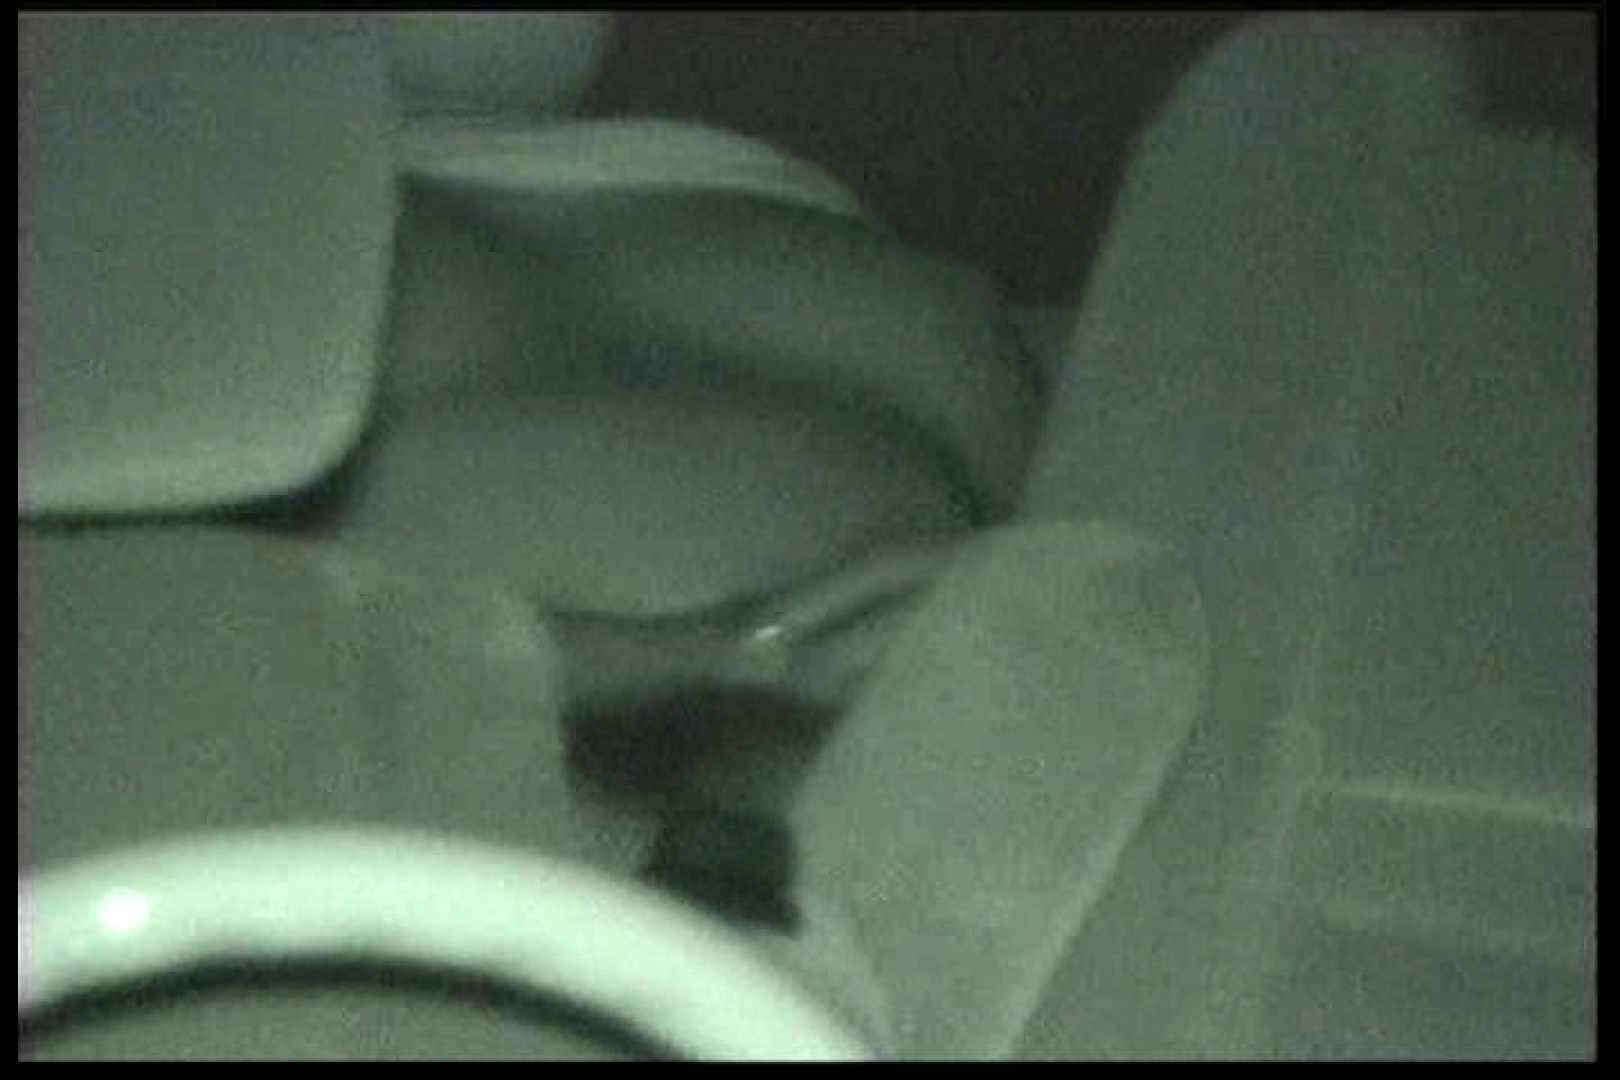 車の中はラブホテル 無修正版  Vol.14 OLの実態 覗きワレメ動画紹介 87pic 38